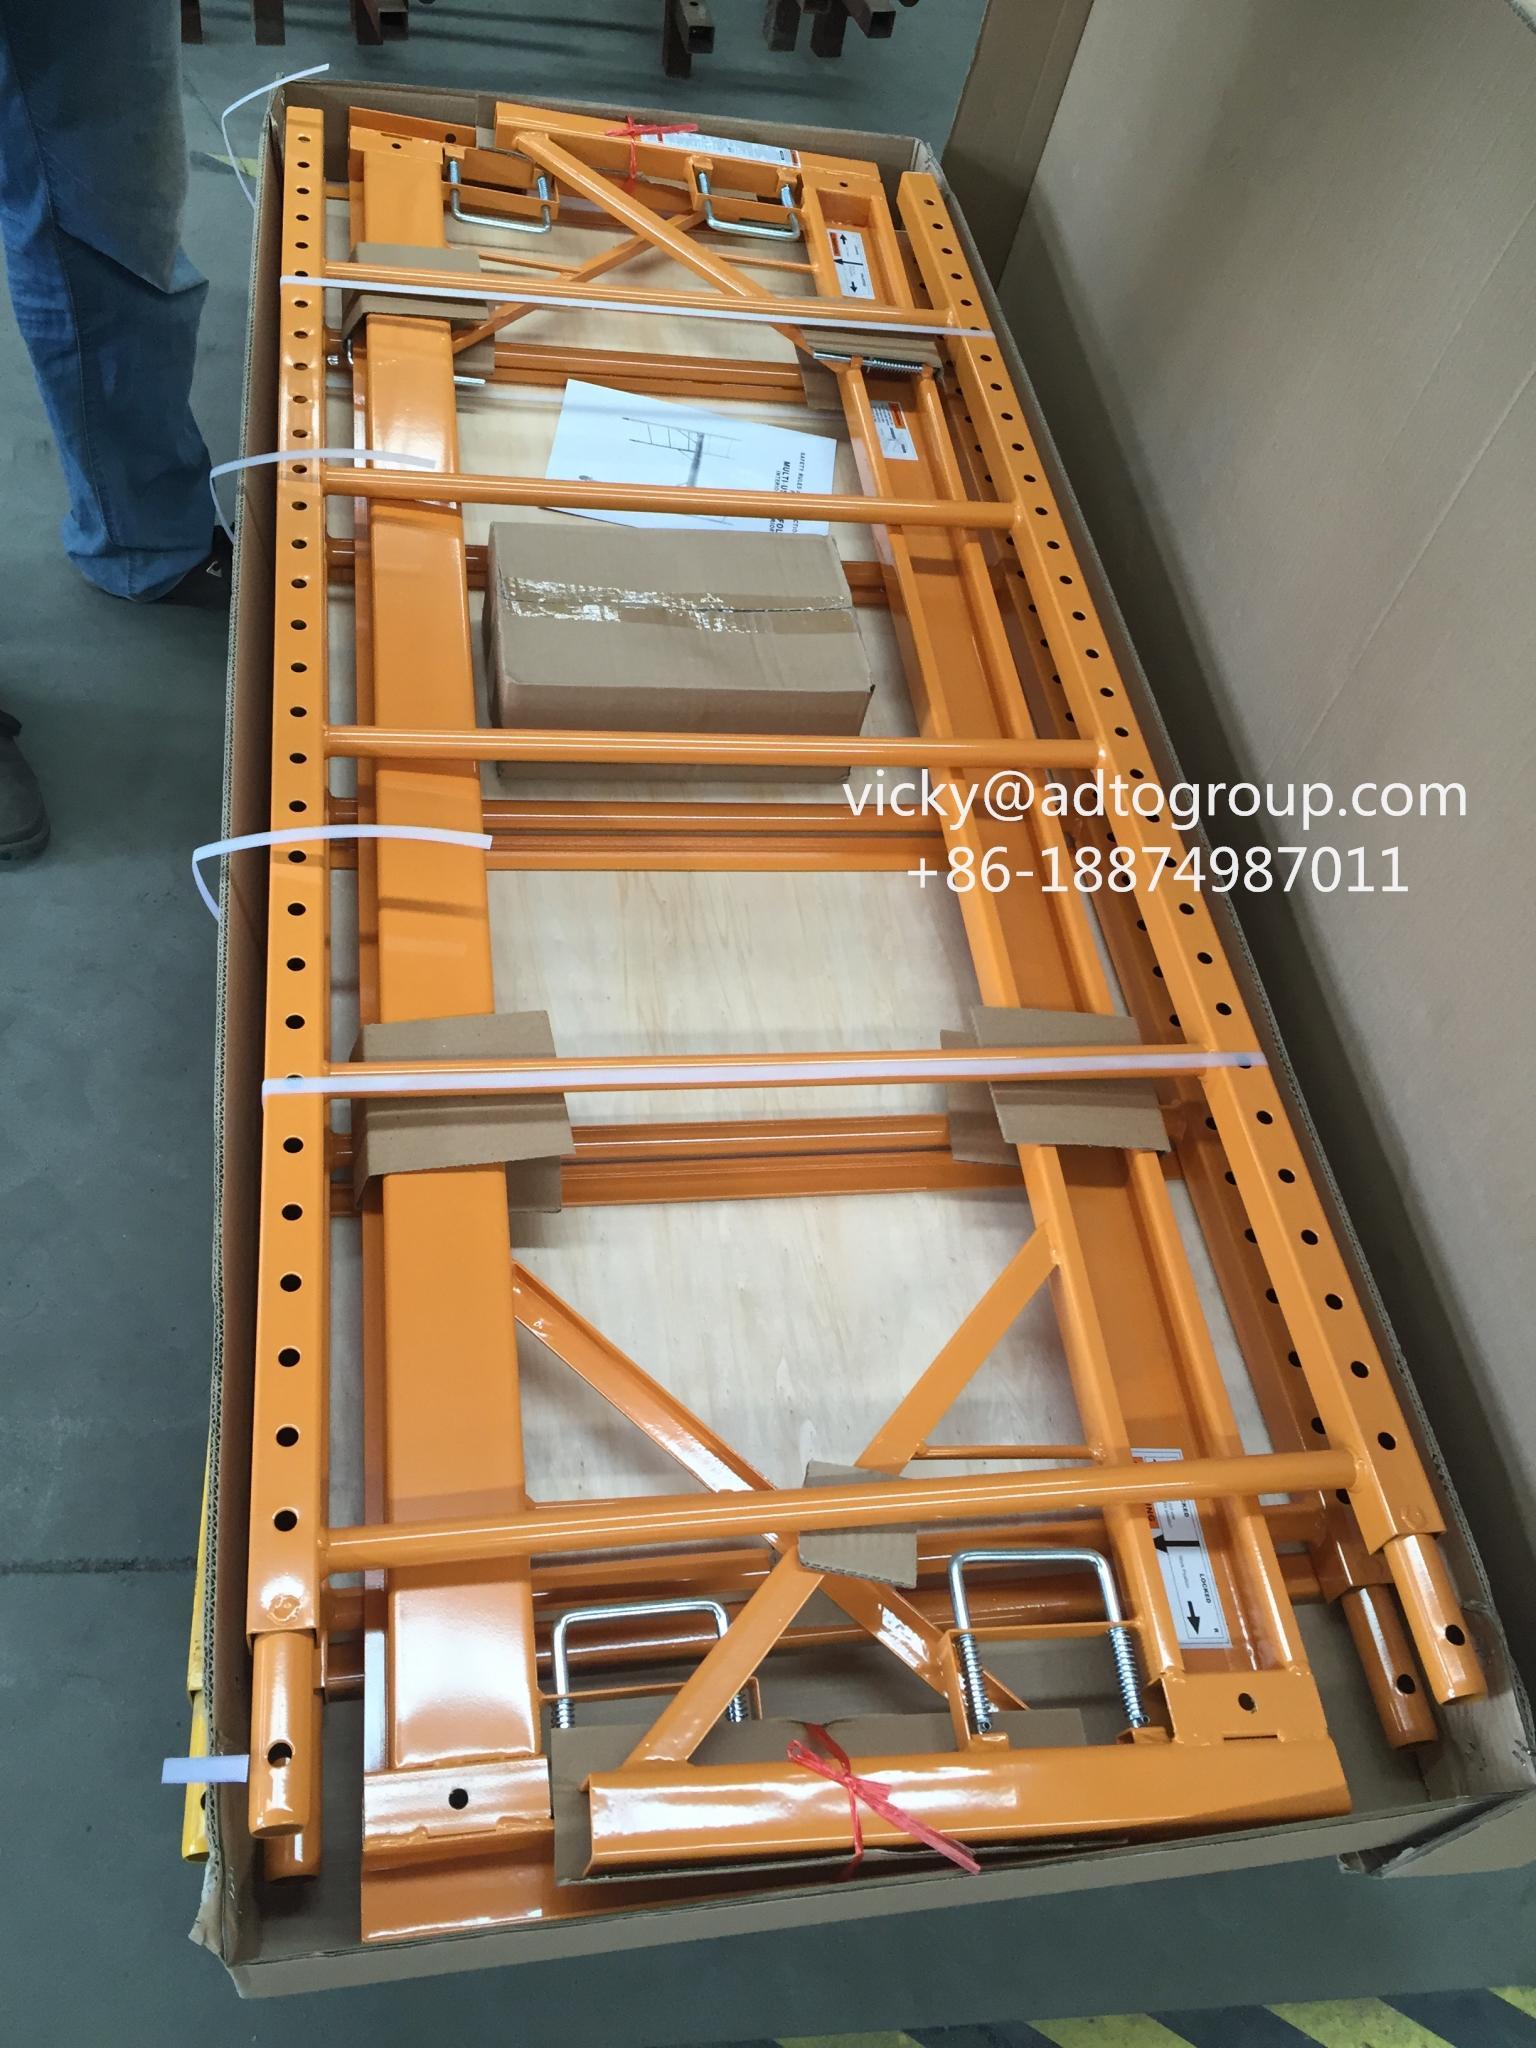 6'Multi-function Scaffold 6' Mobile Scaffold rolling scaffold baker scaffold 1